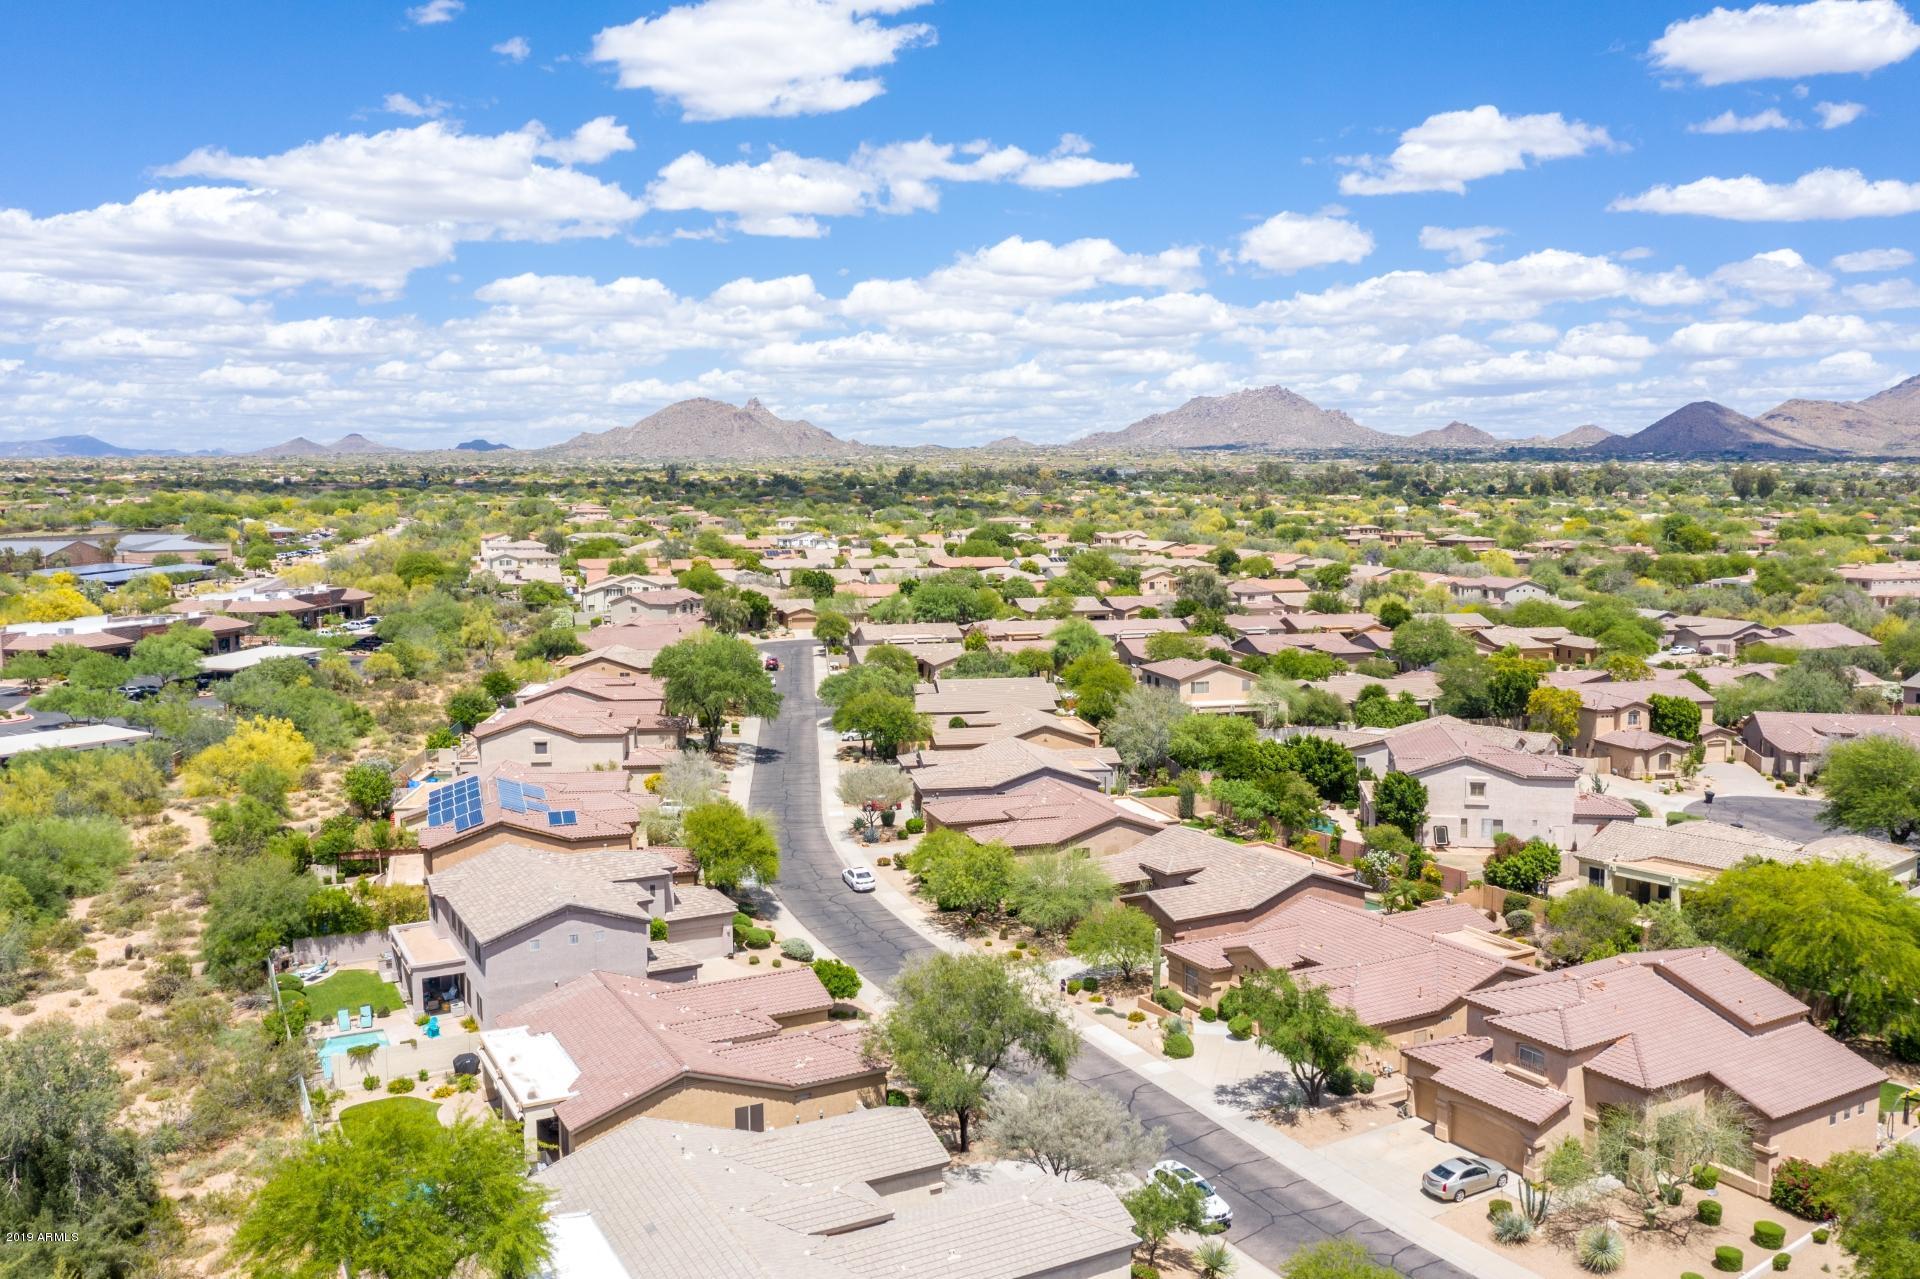 MLS 5930455 22396 N 76TH Place, Scottsdale, AZ 85255 Scottsdale AZ Private Pool